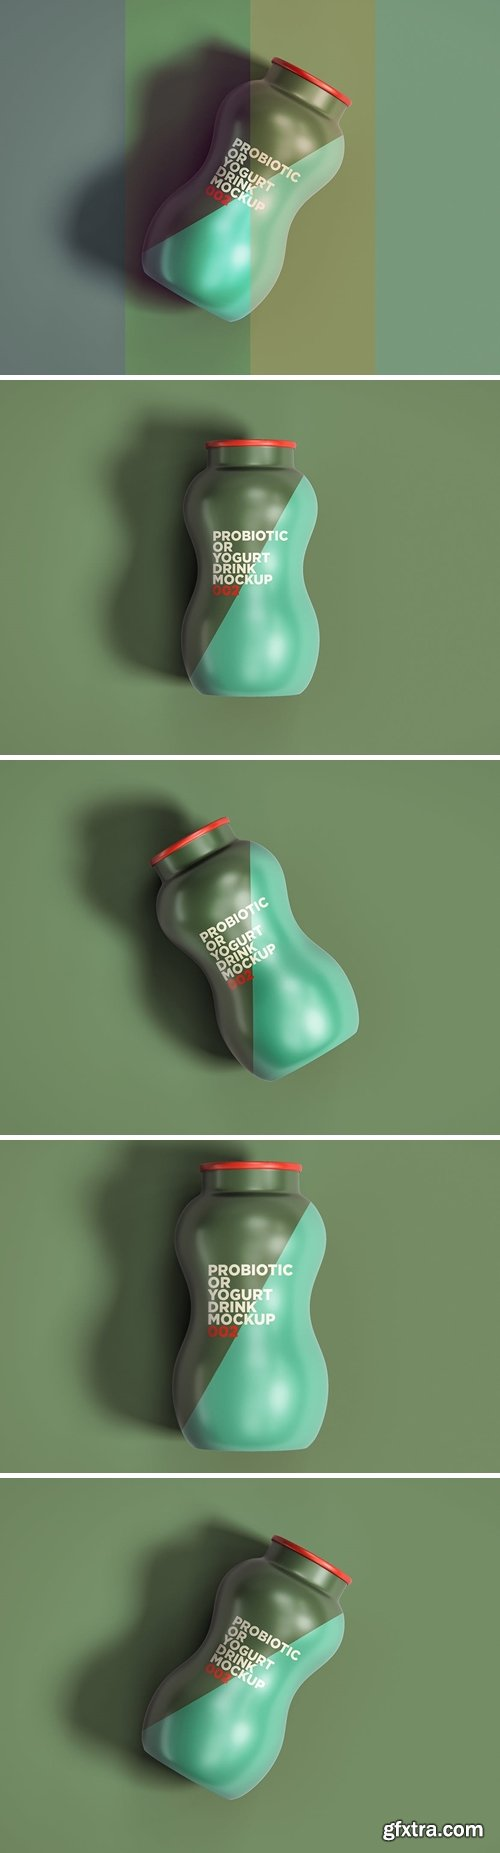 Probiotic Or Yogurt Drink Mockup 002